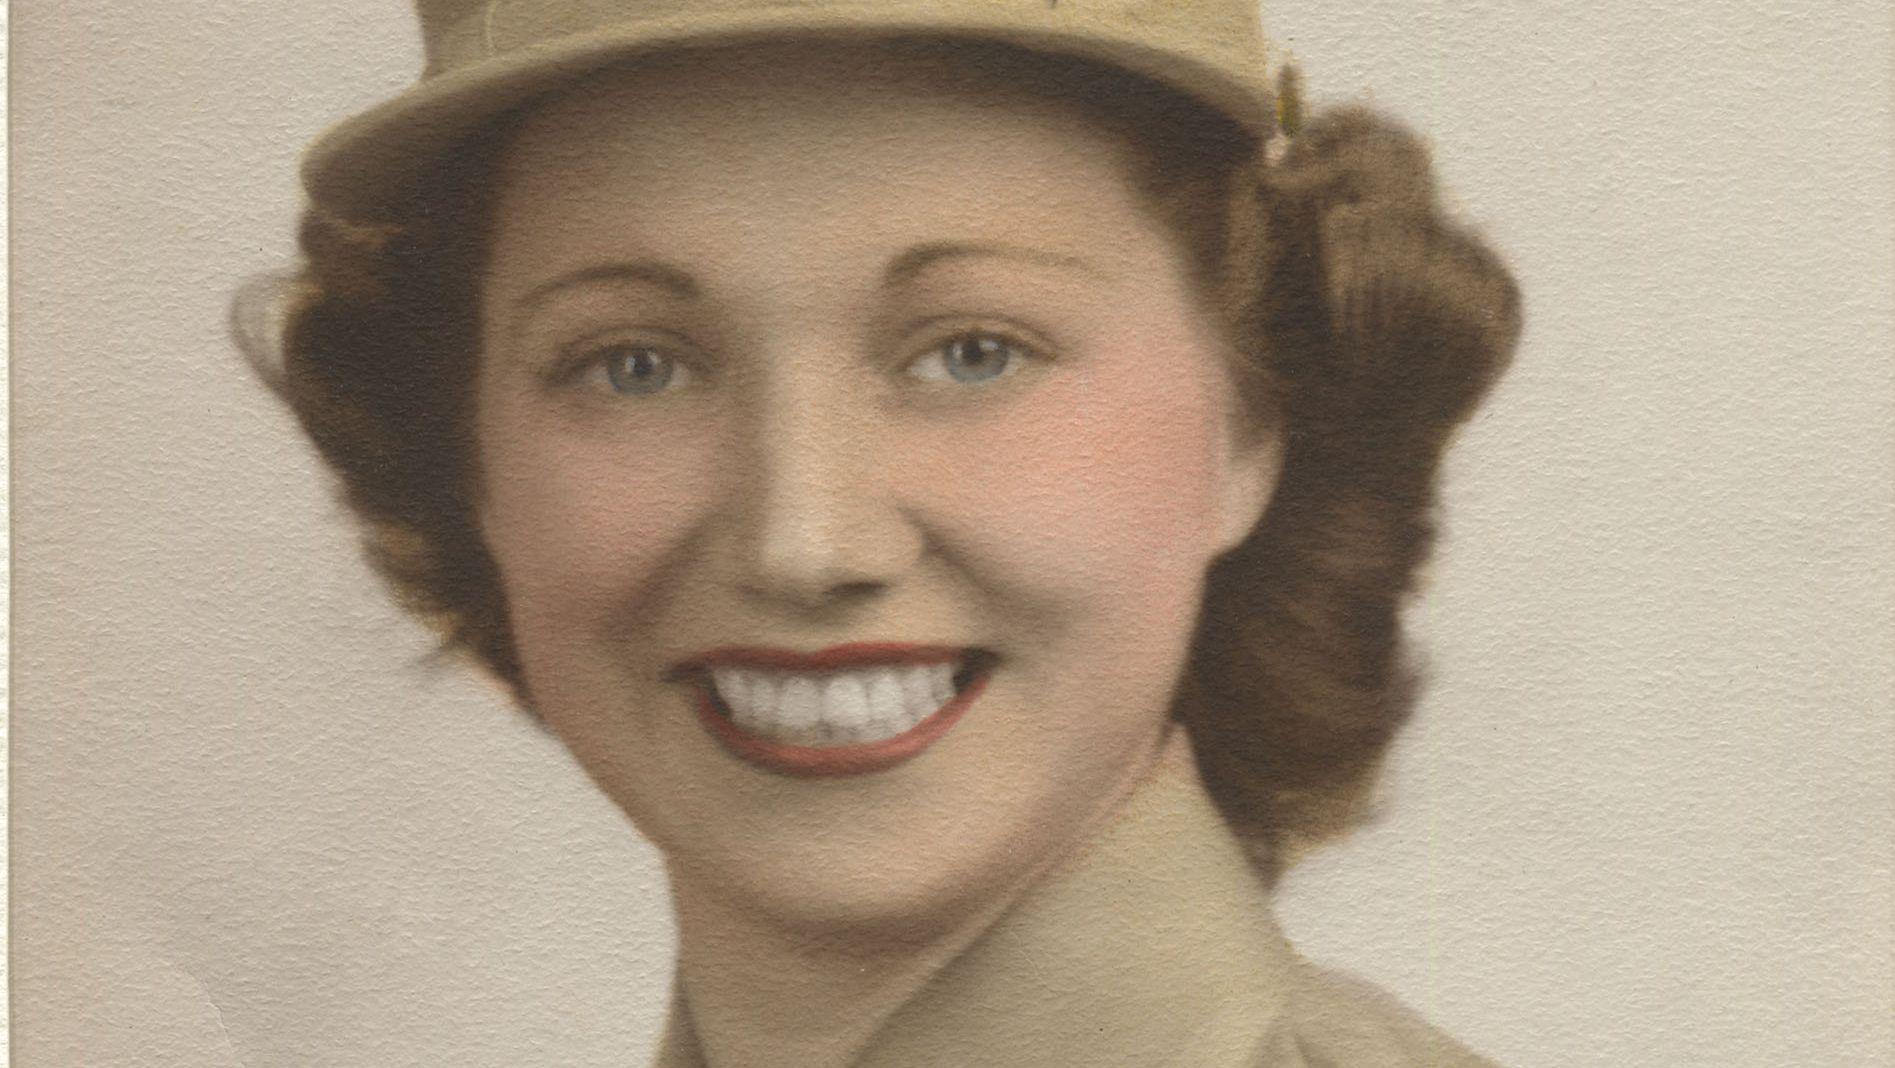 Dahlia Paubionsky